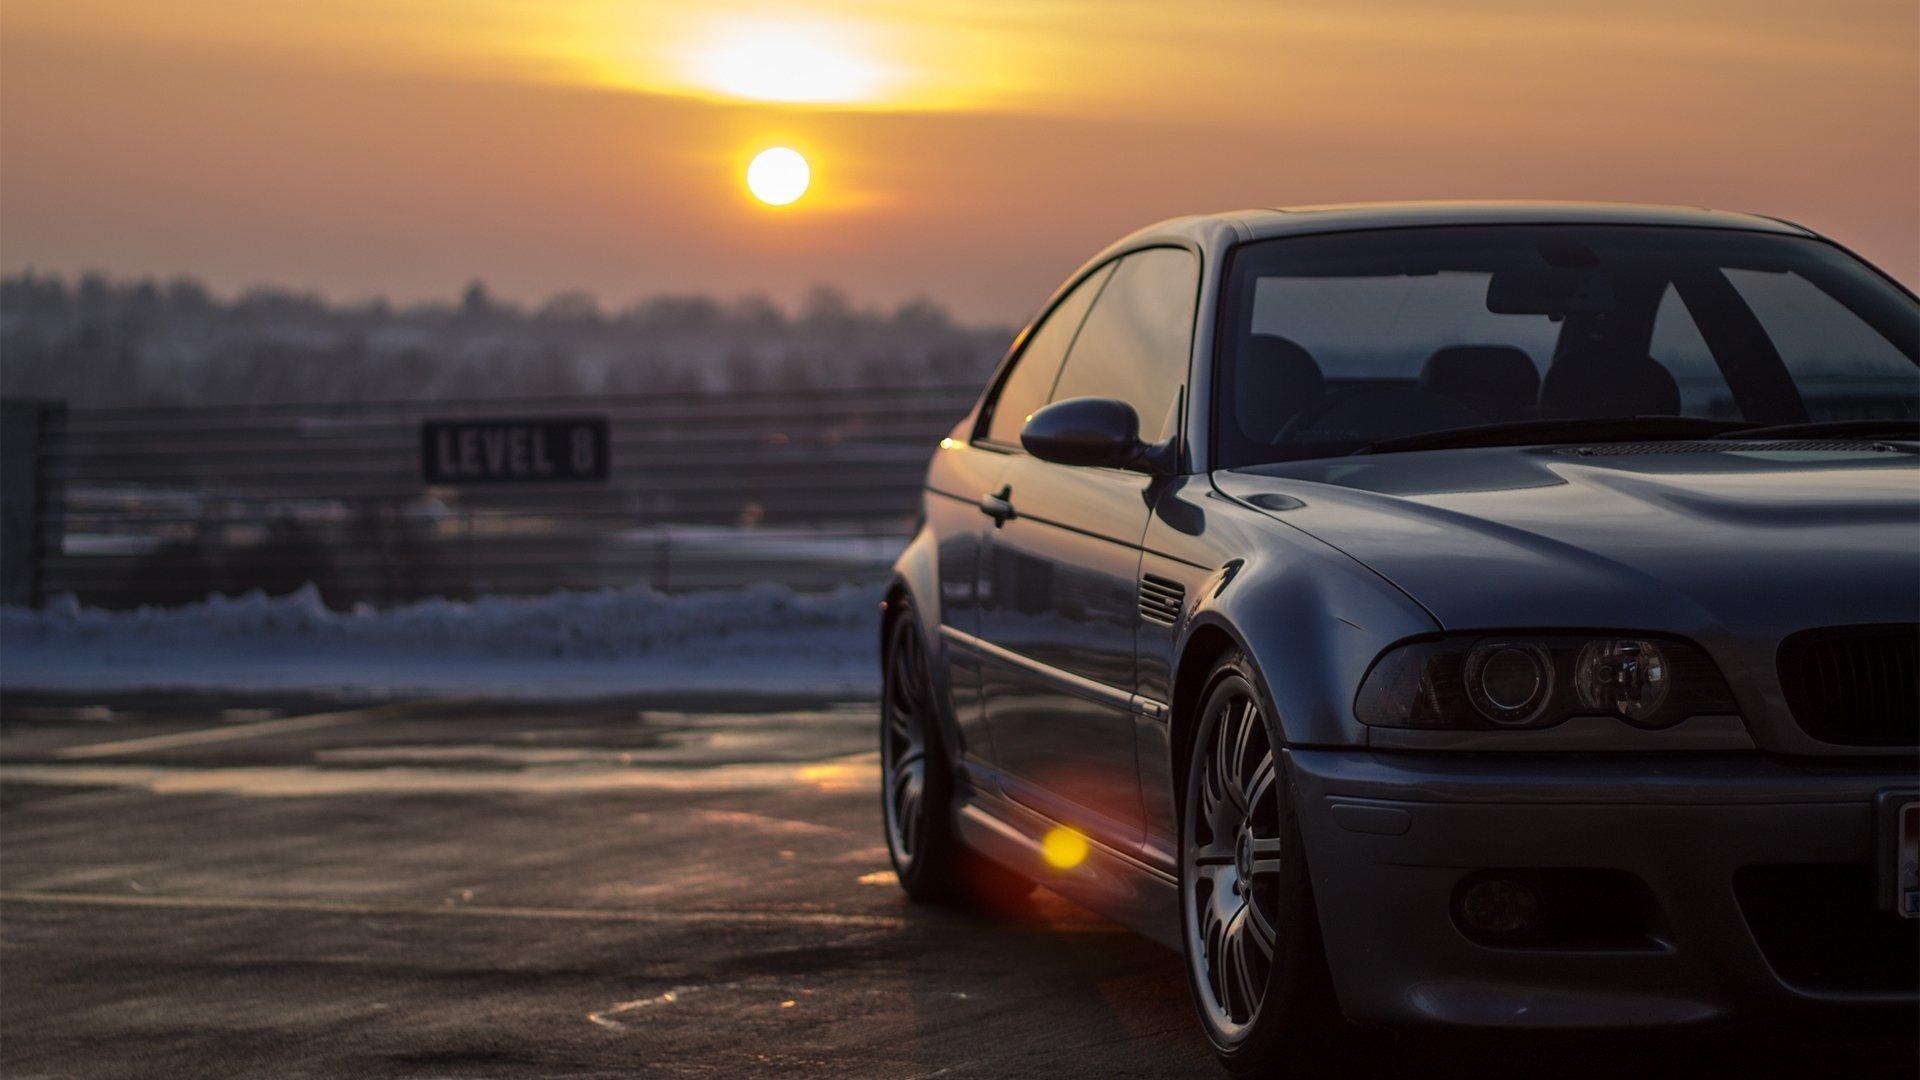 sunset cars bmw e46 m3 wallpaper 1920x1080 585878